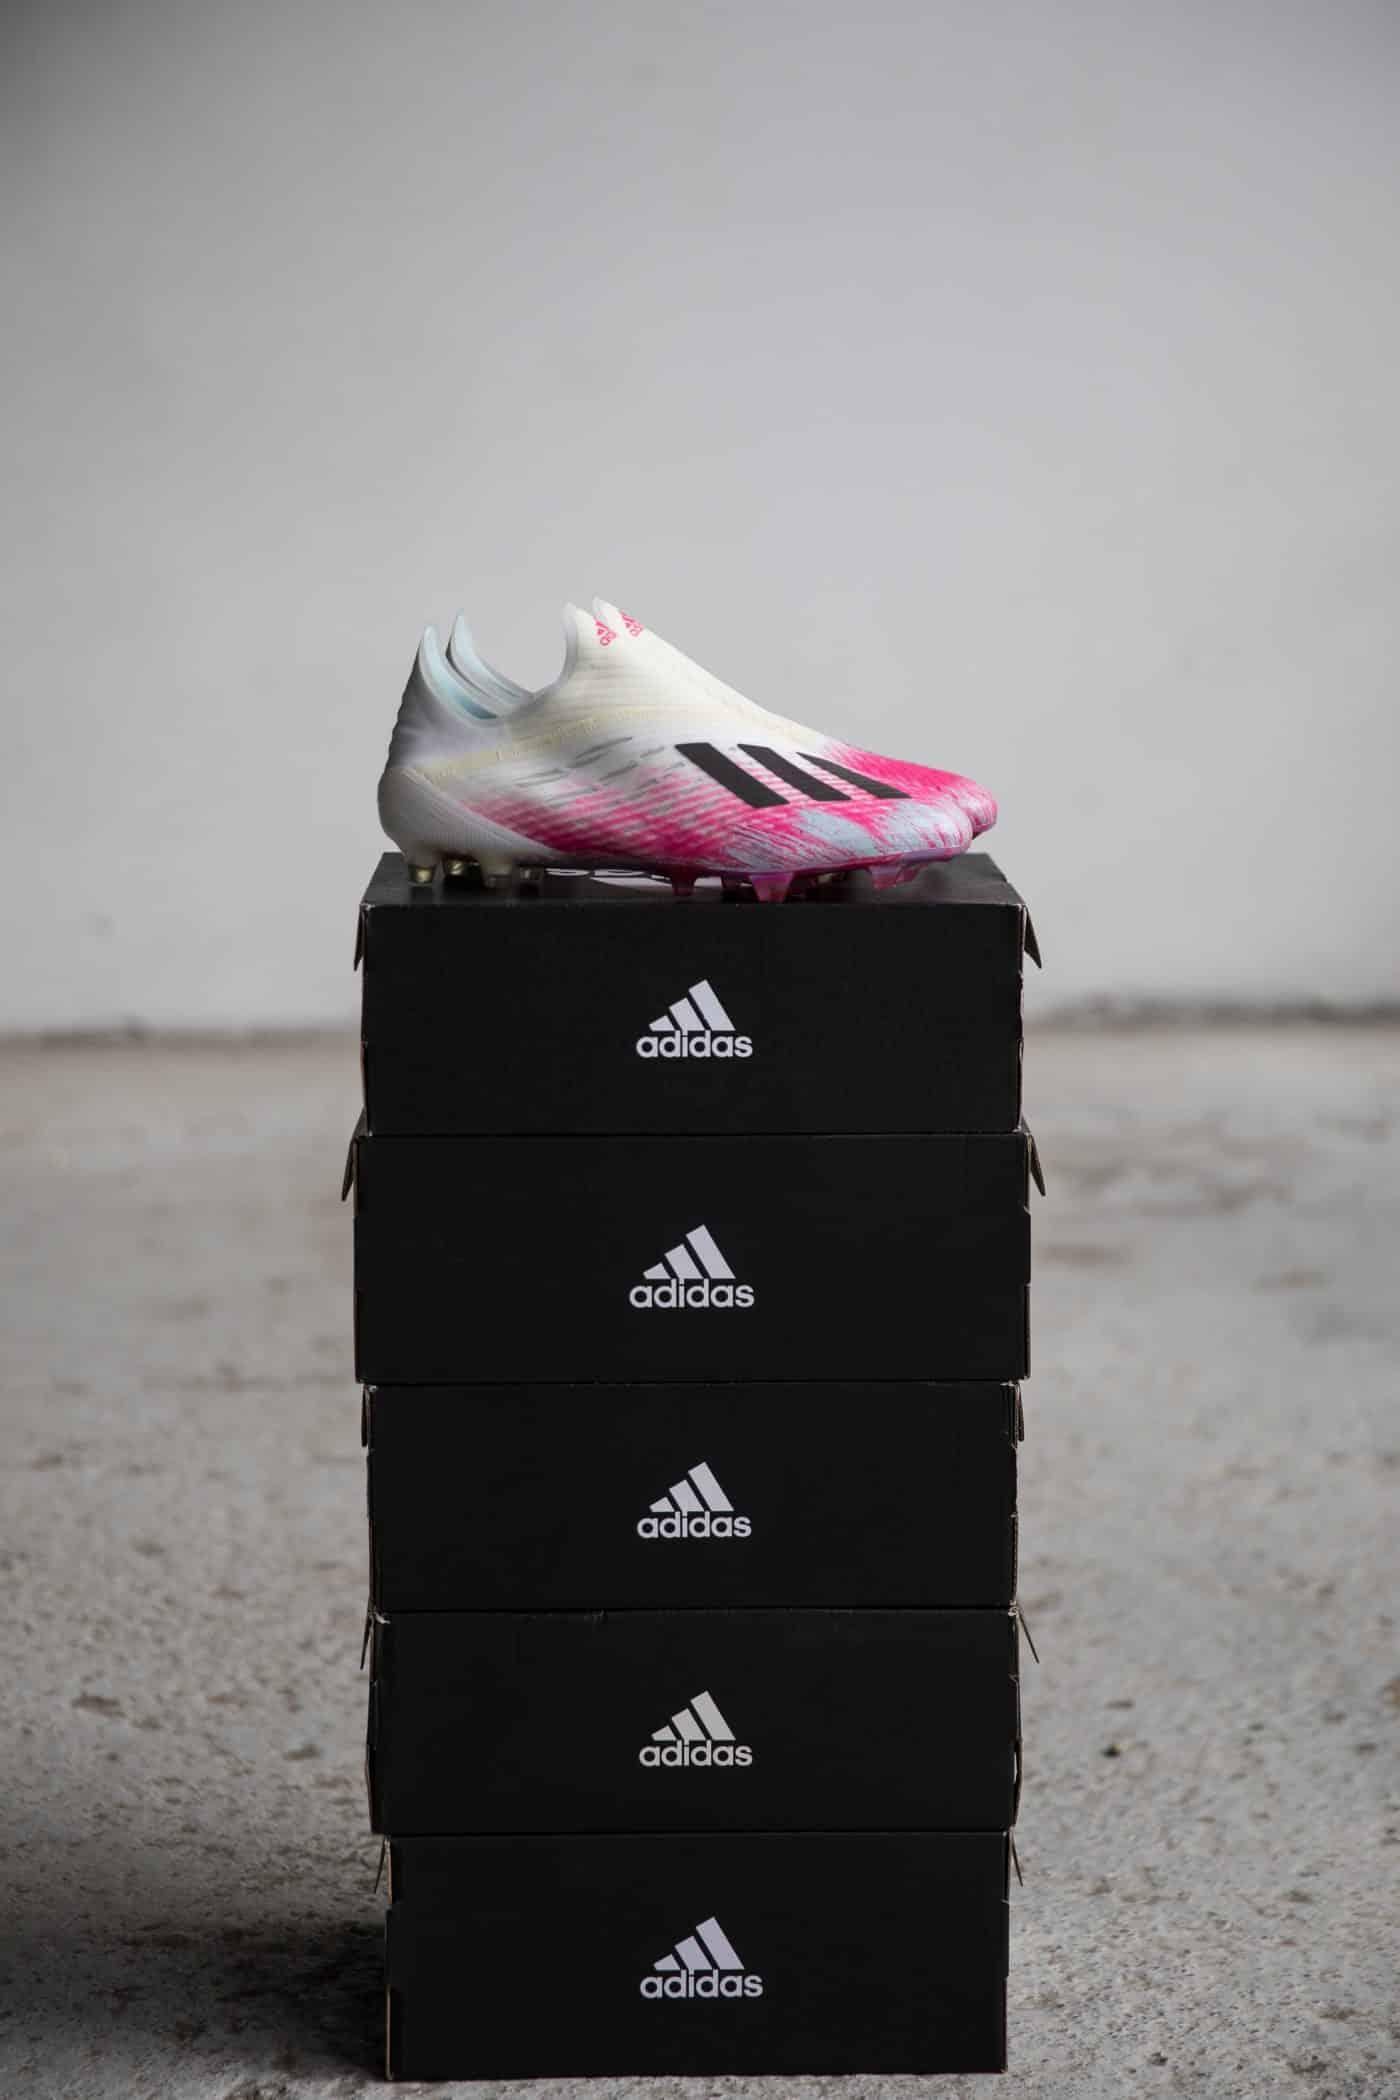 adidas-uniforia-pack-footpack-2